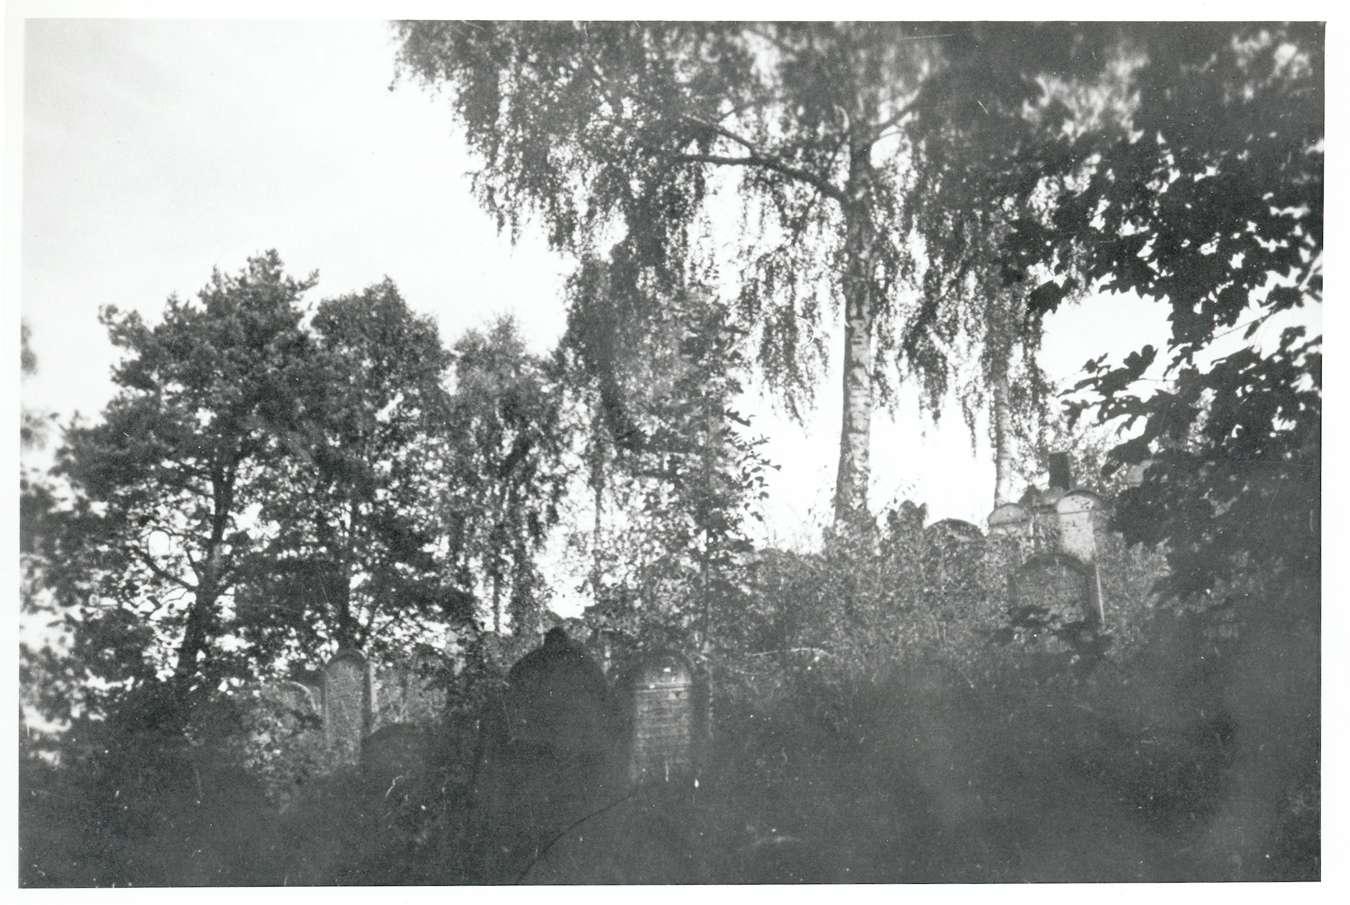 Hemsbach, HD; Jüdischer Friedhof, Gräber, Bild 1